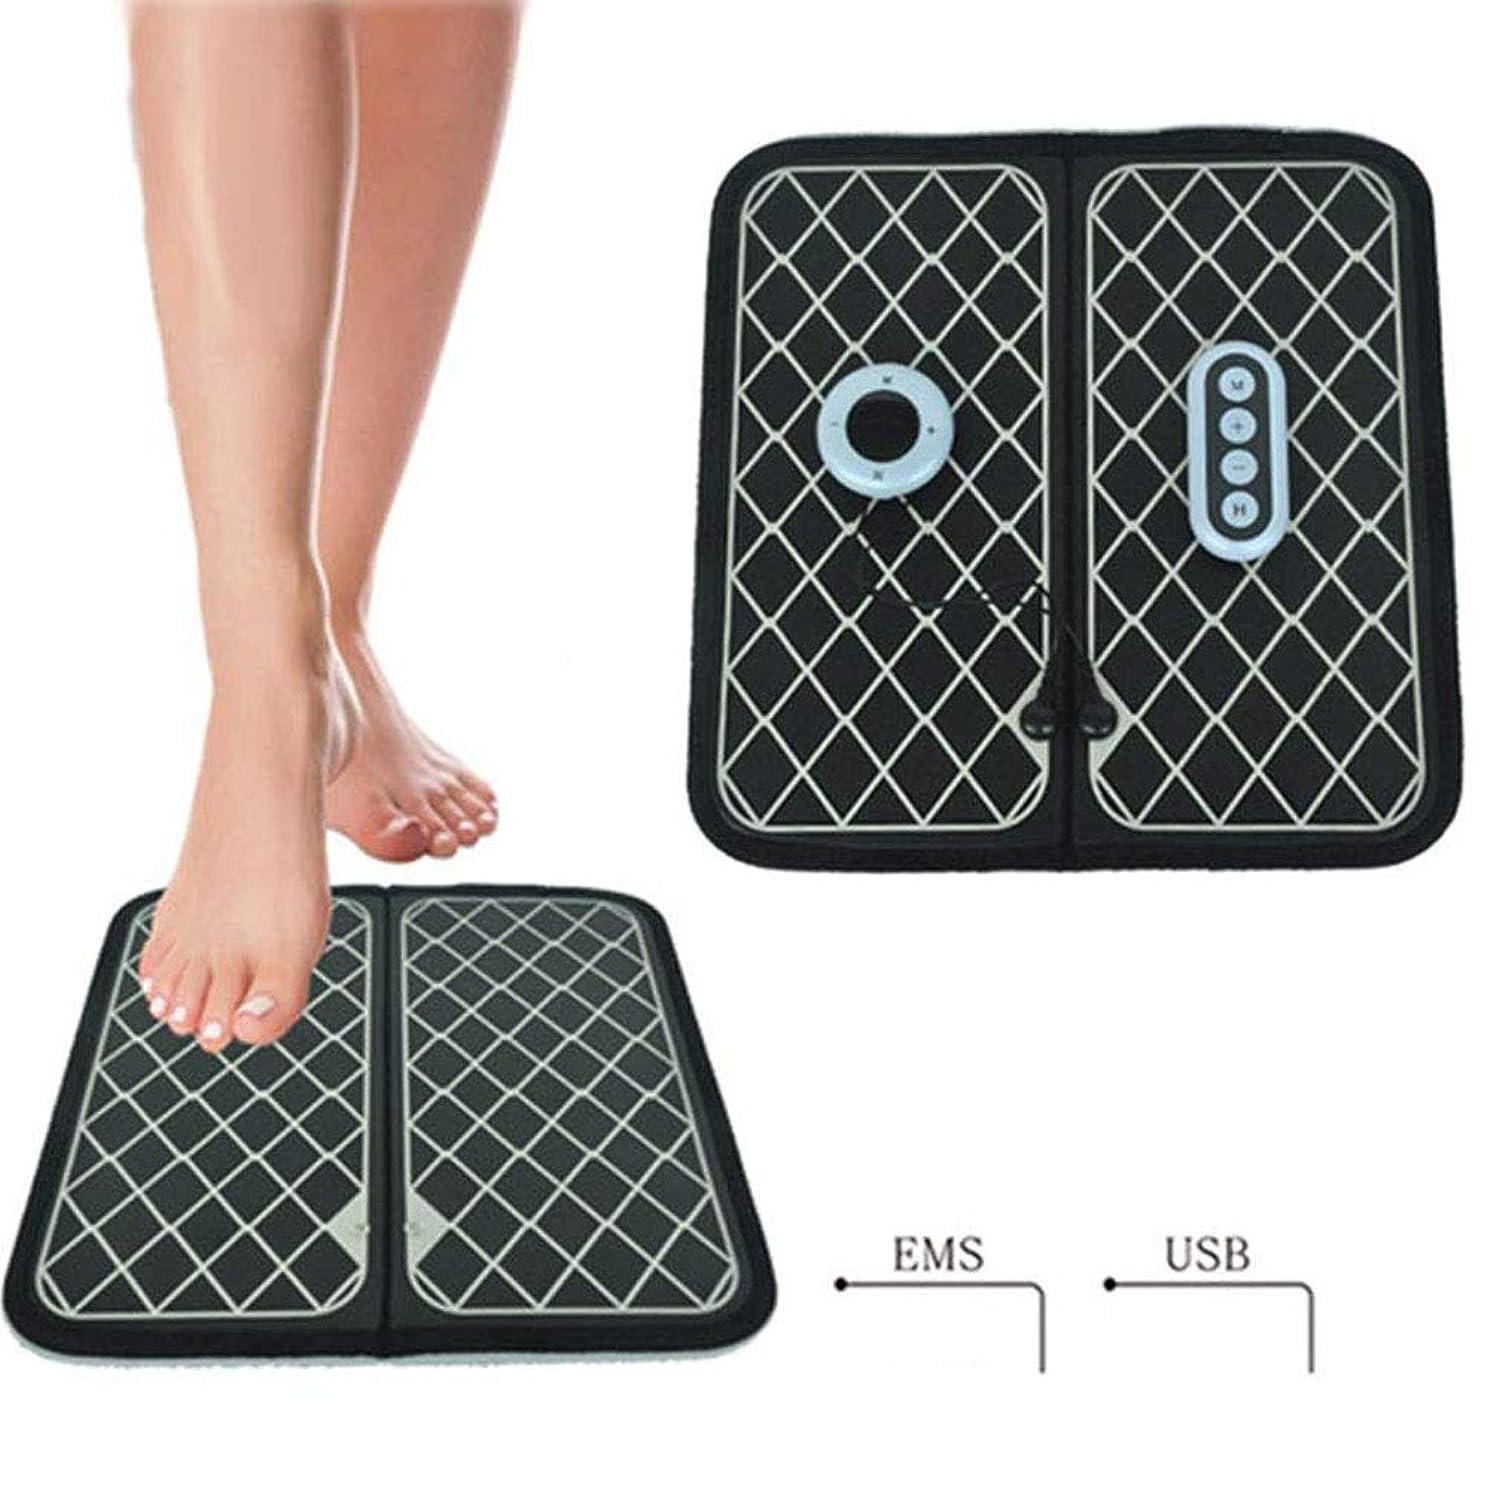 売り手淡い拒絶フットマッサージャーEMSフットサイクルUSBマッサージャー充電式電磁筋肉刺激により、痛みを軽減し、血液循環を改善し、足の疲労を軽減します